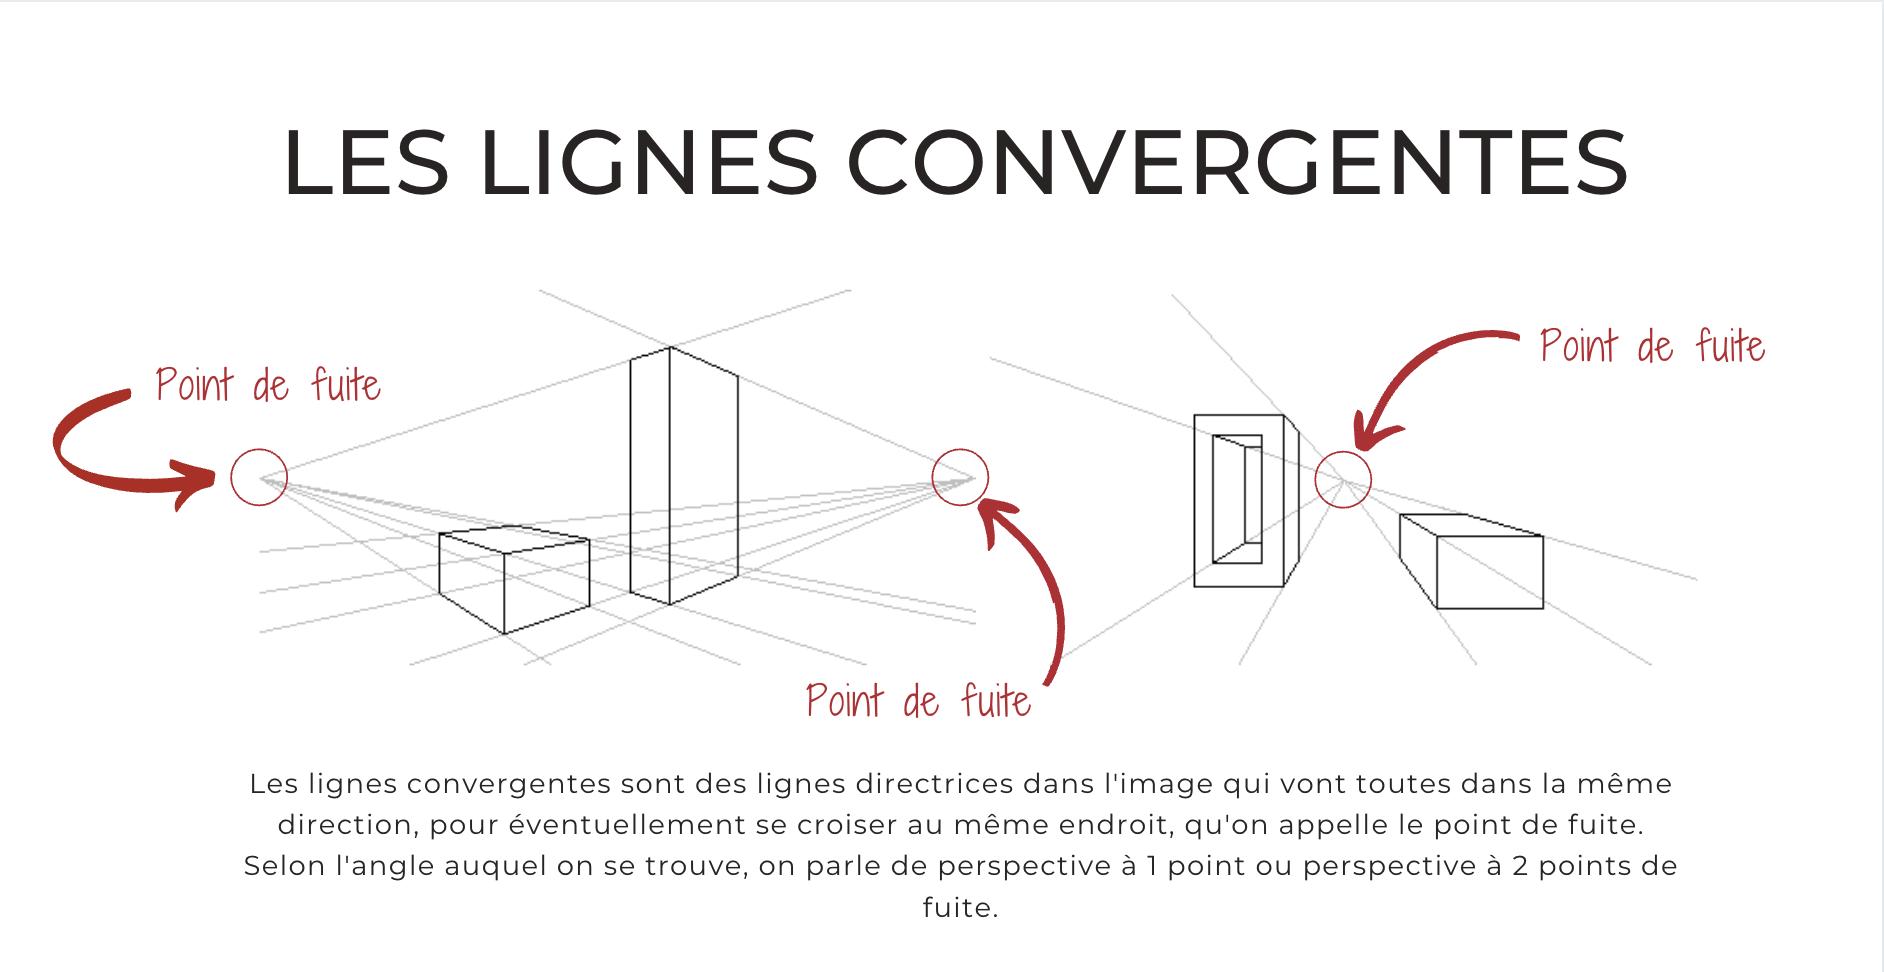 schéma illustrant le principe des lignes convergentes et des points de fuite